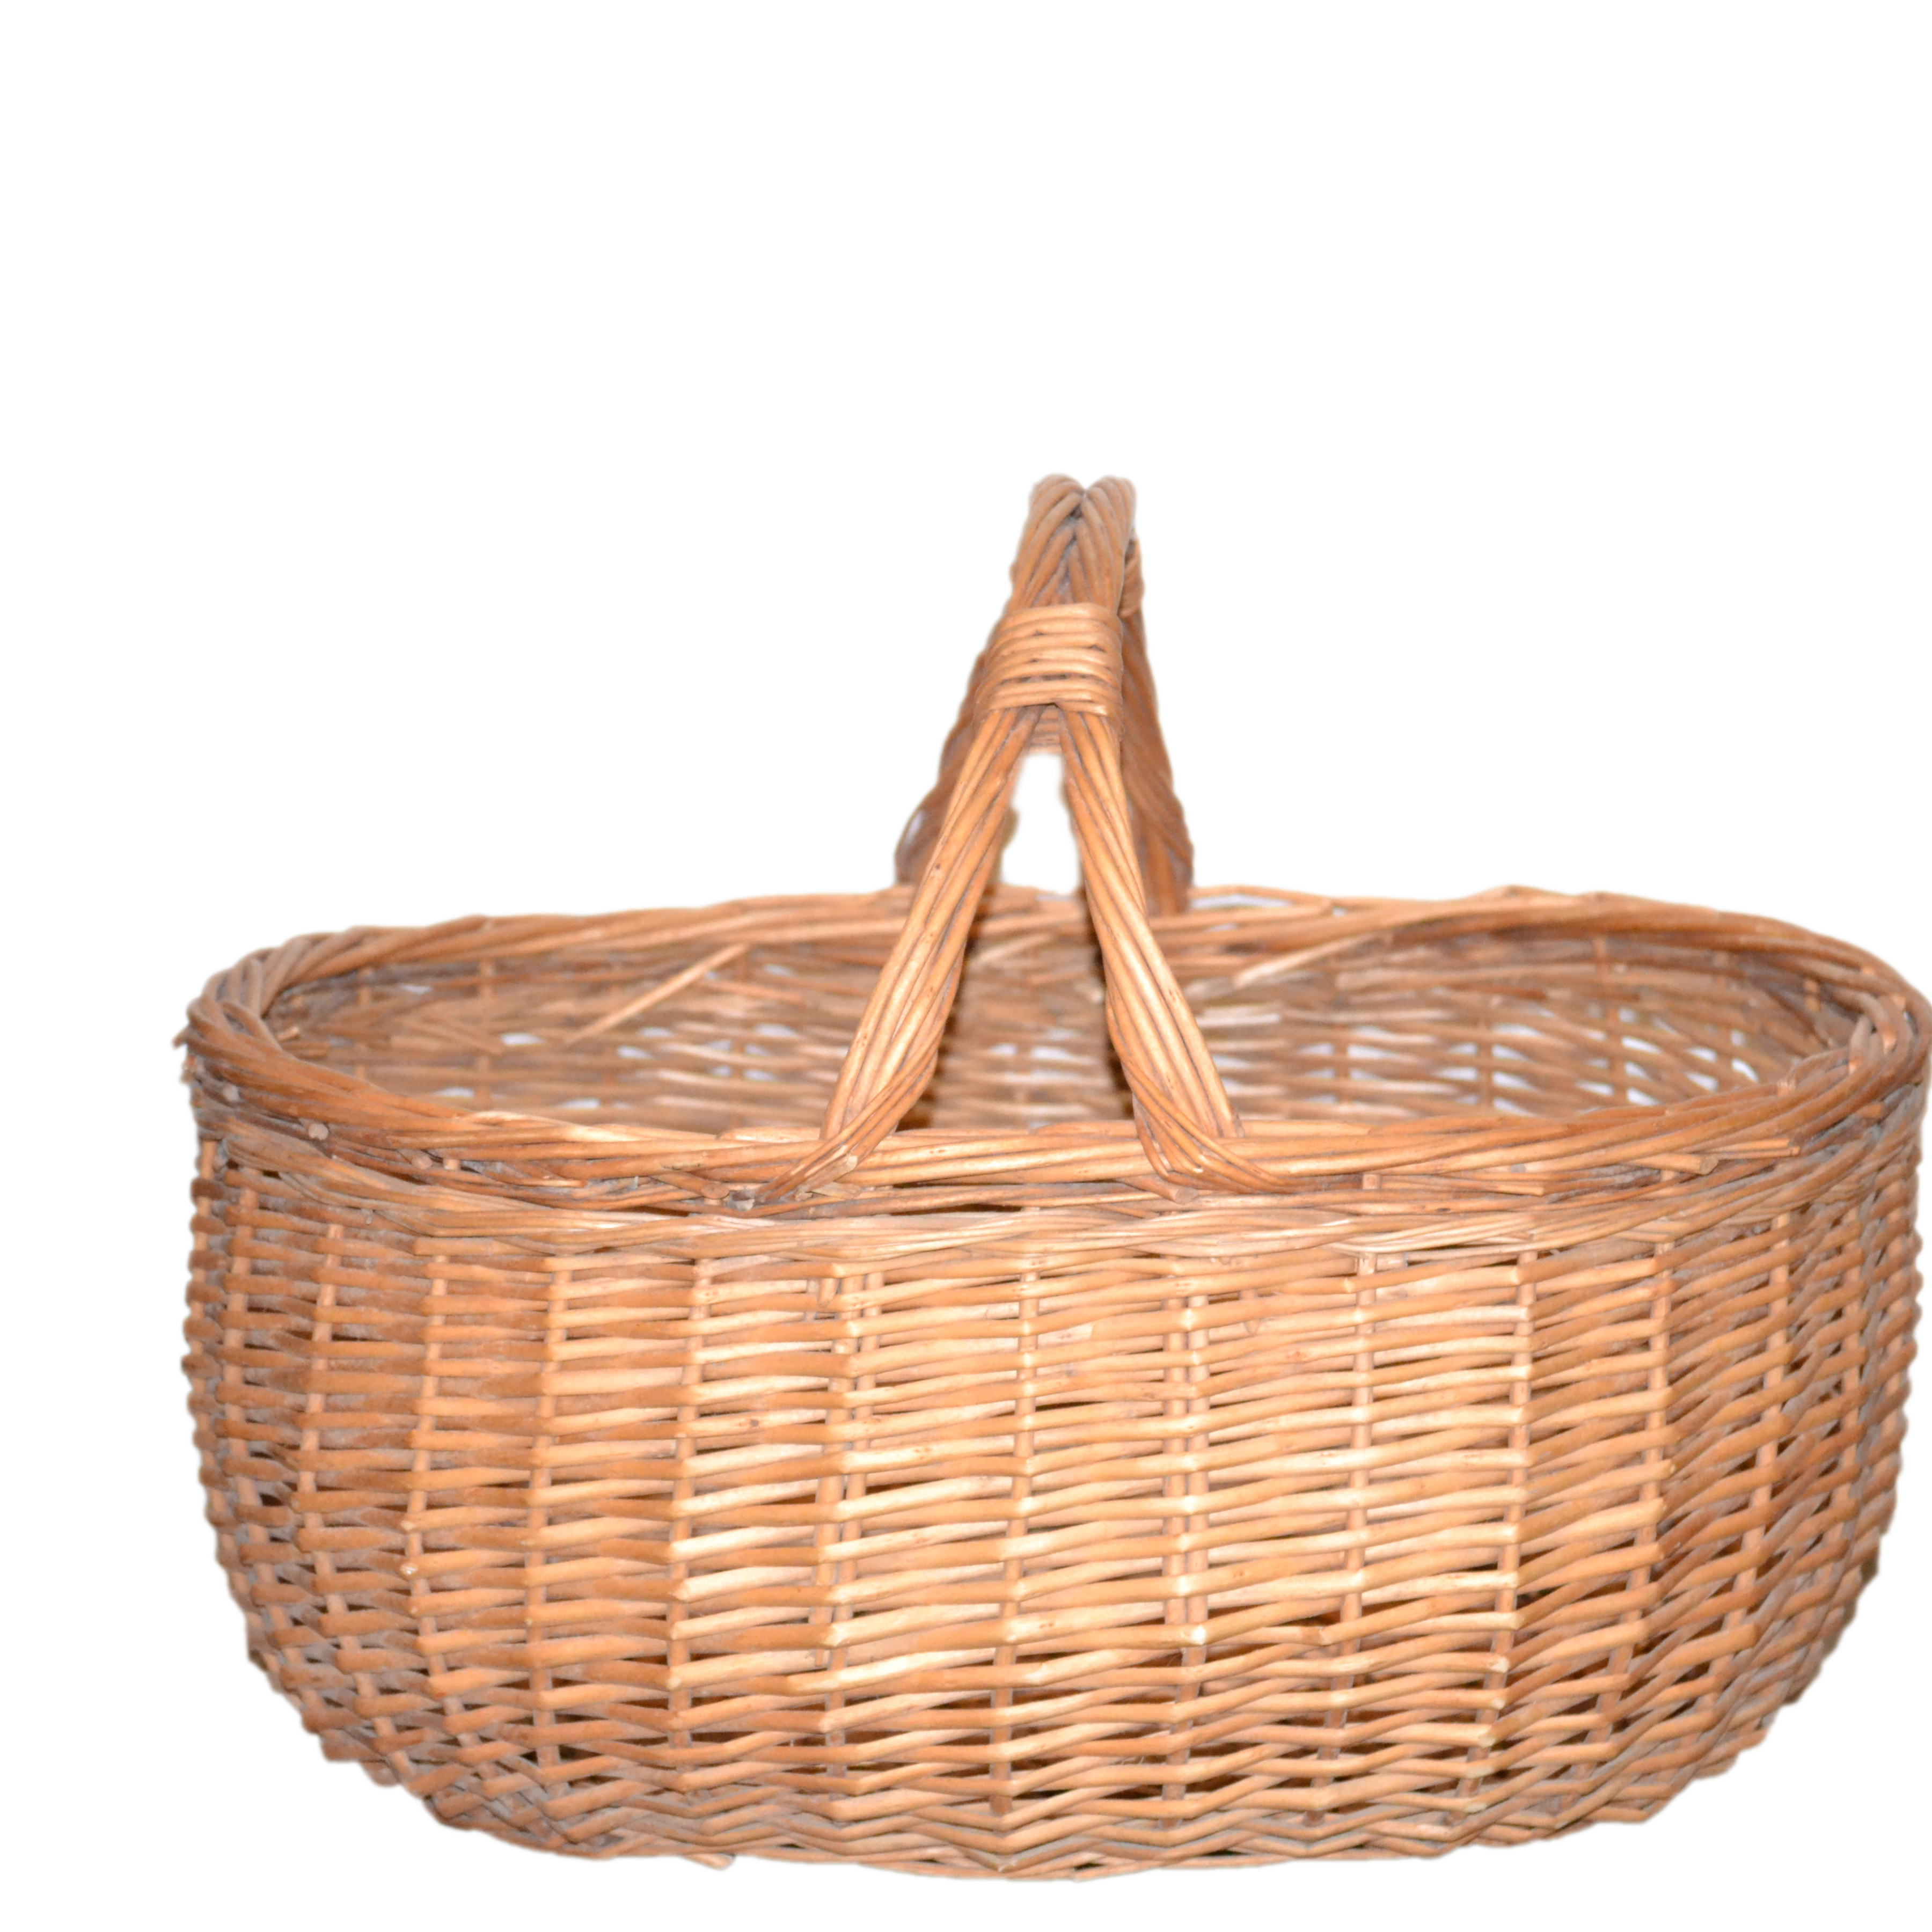 Flower in a basket